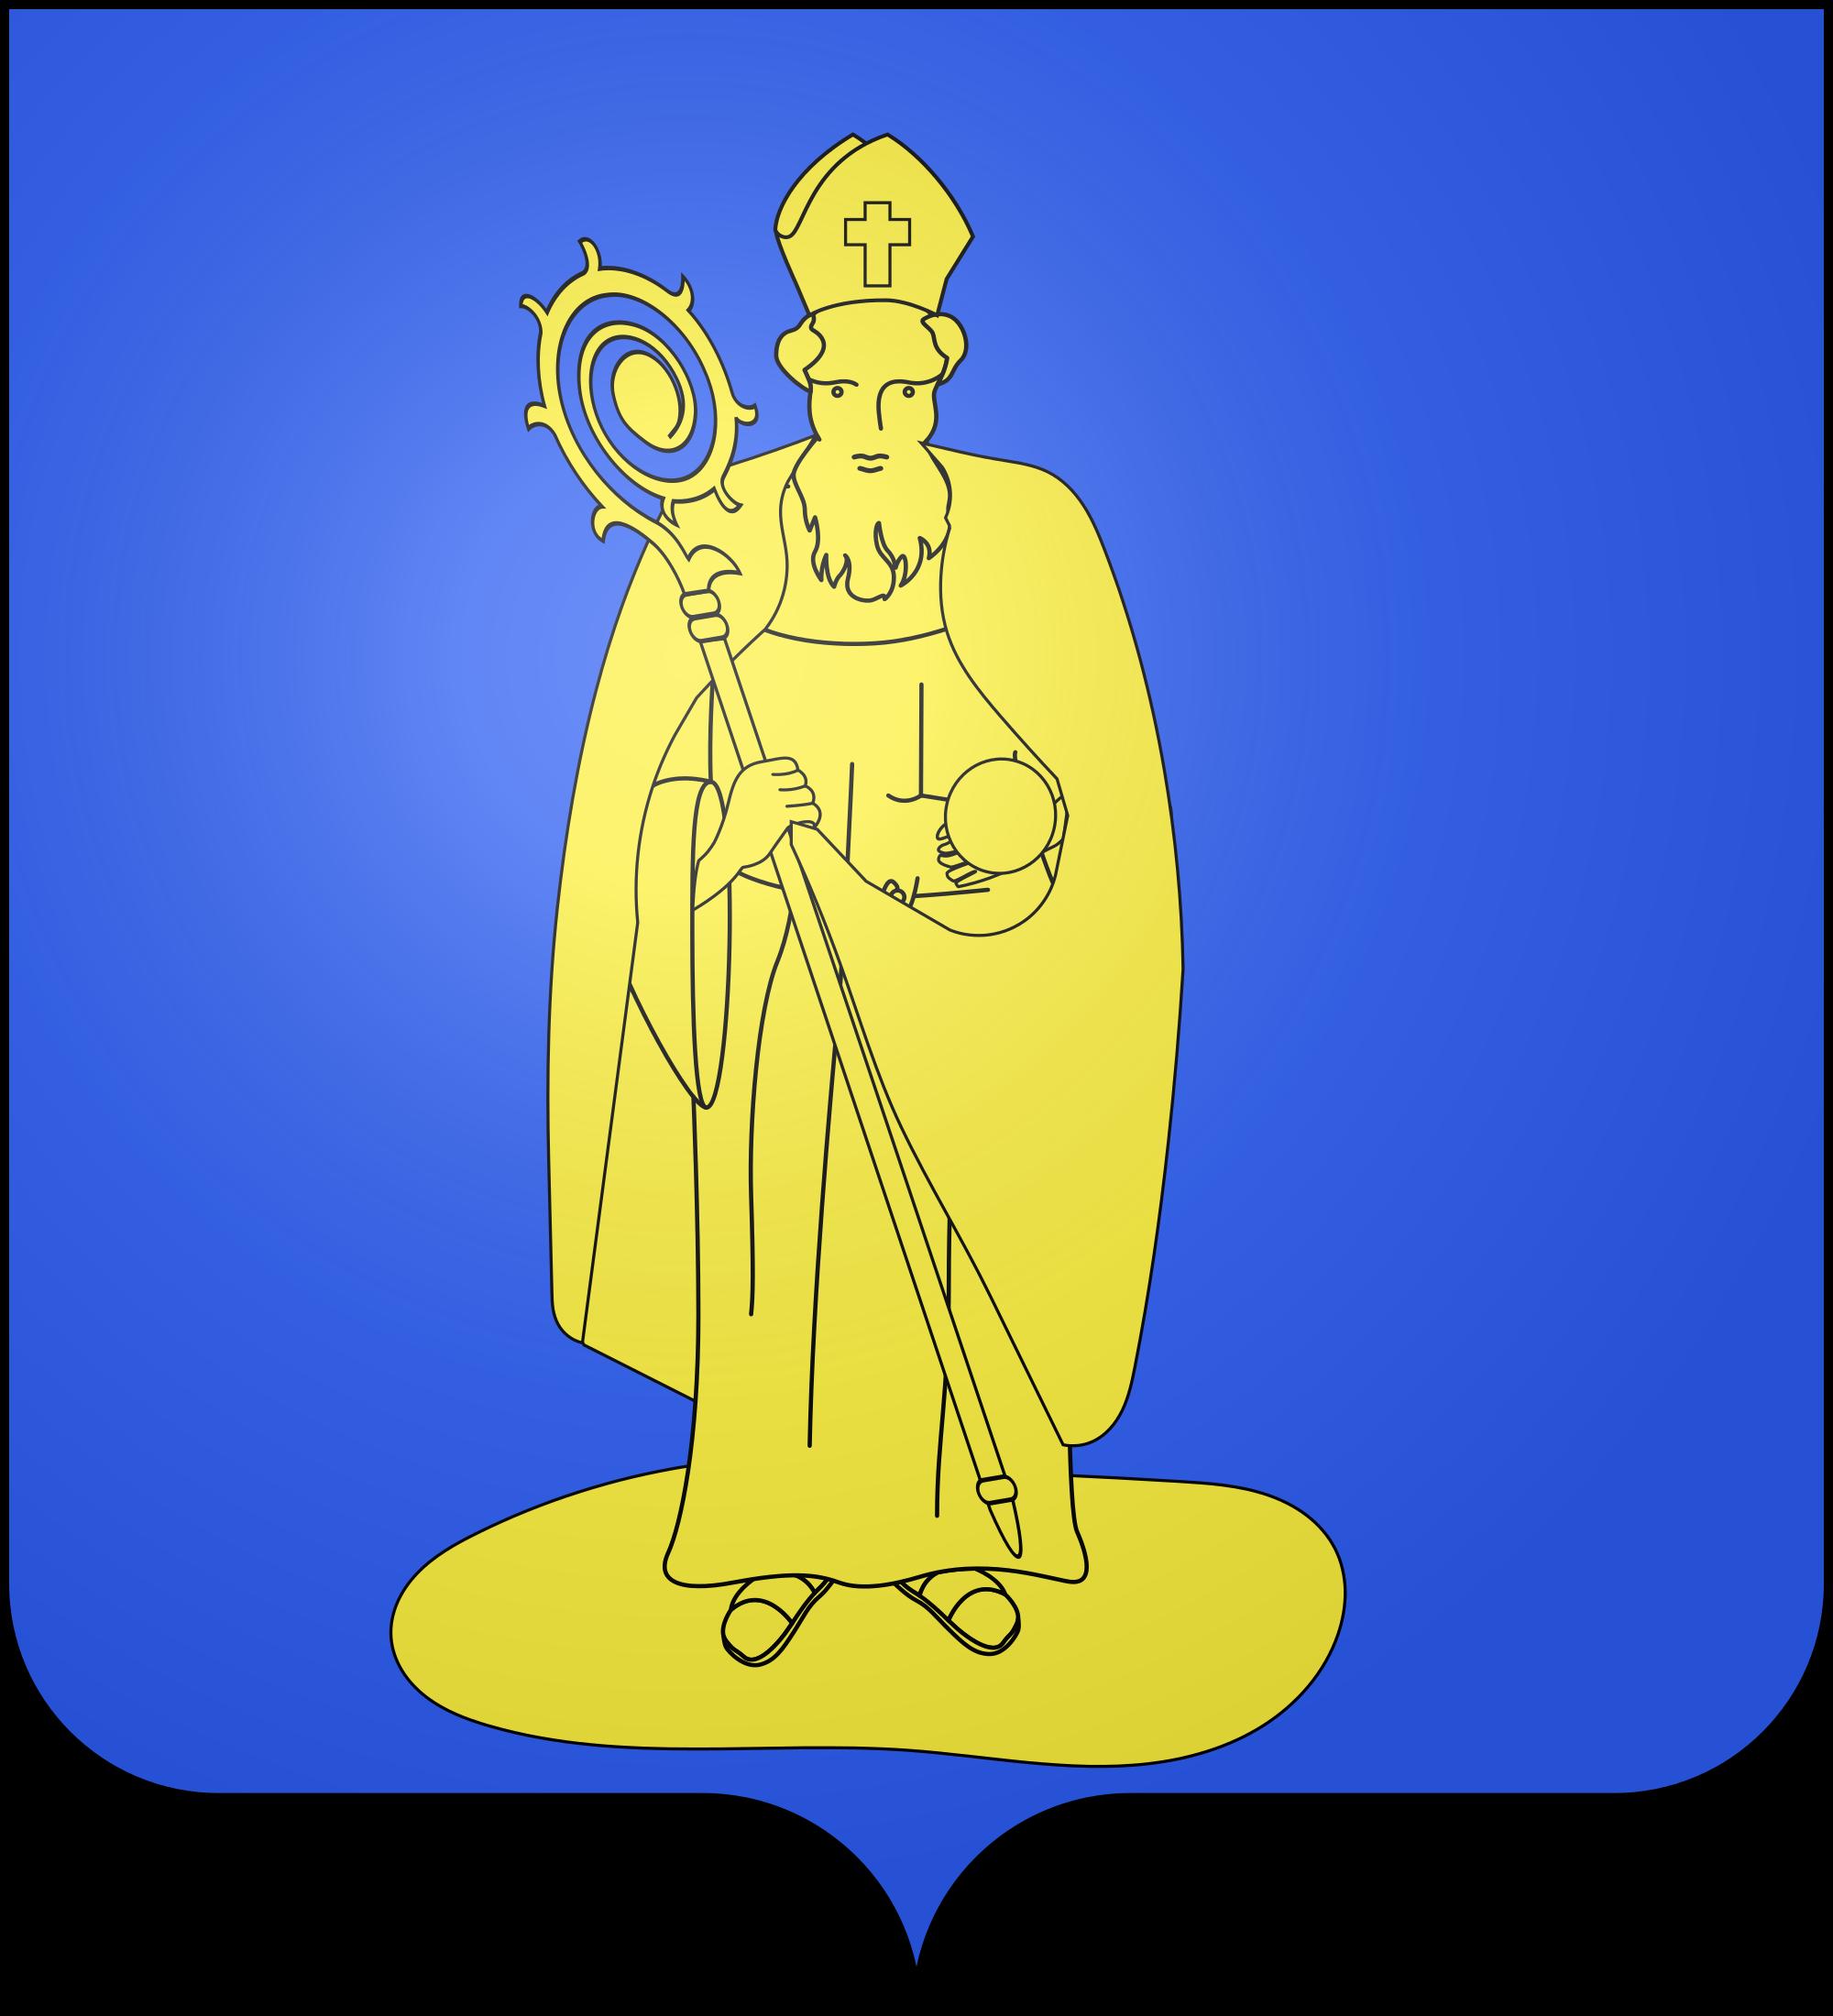 File:Blason Saint Gilles.svg.